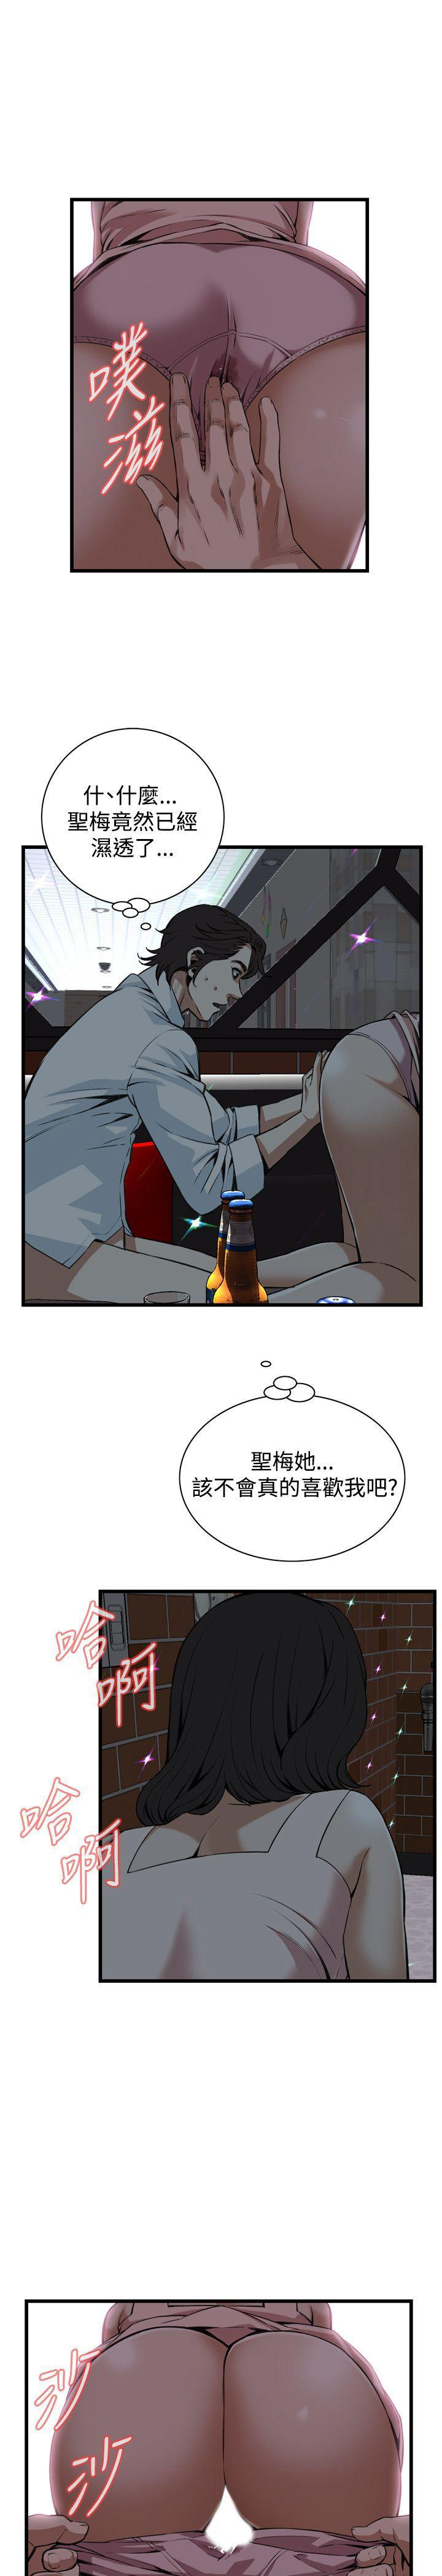 偷窥72-93 Chinese Rsiky 422